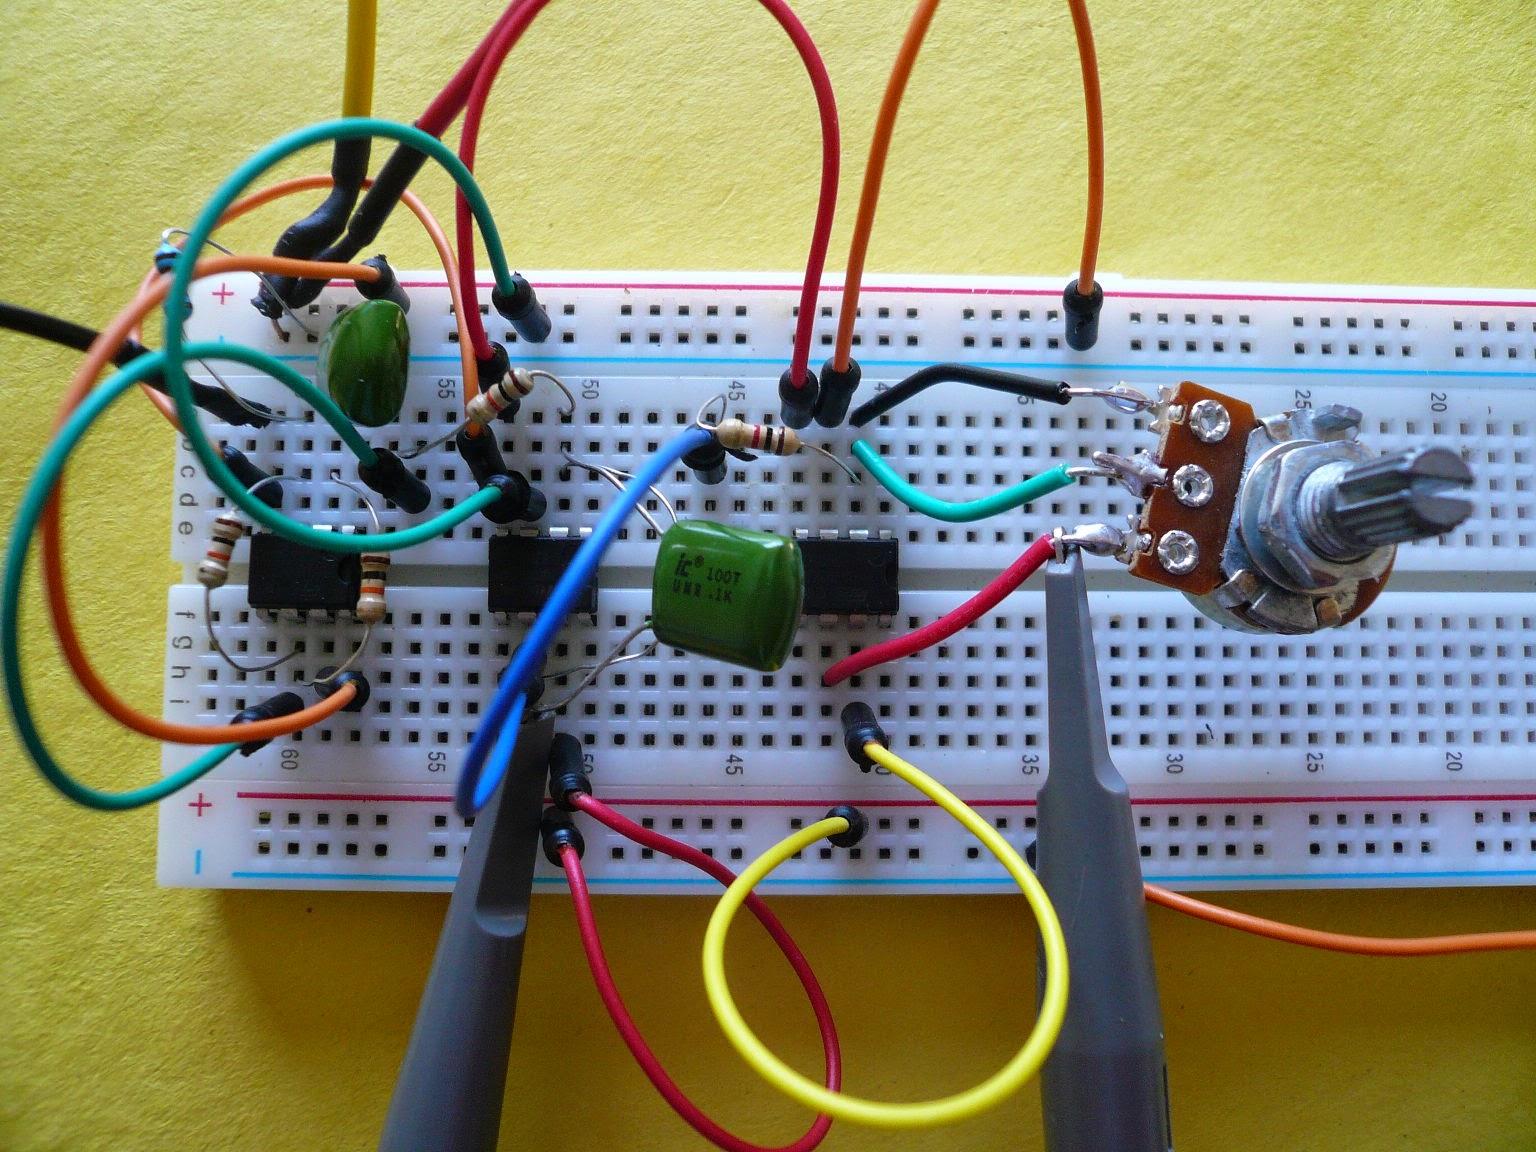 lectronique en amateur amplificateur op rationnels 5 l 39 amplificateur inverseur. Black Bedroom Furniture Sets. Home Design Ideas